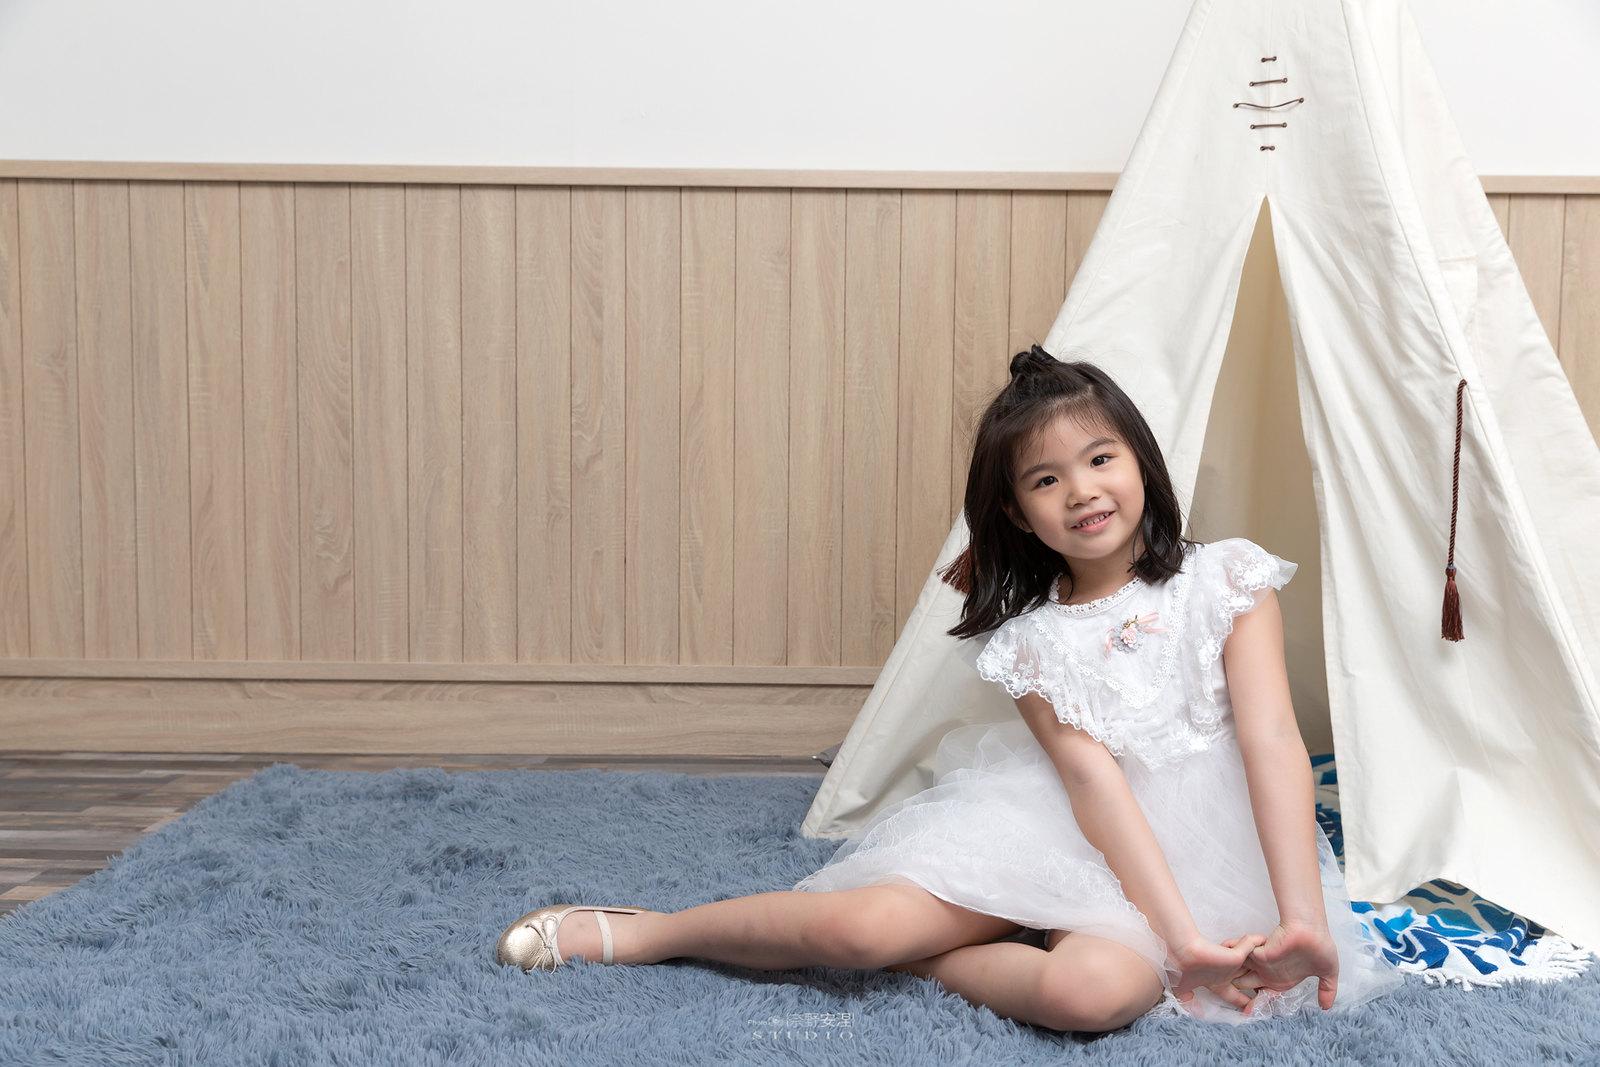 台南全家福 | 拋棄傳統合照的彆扭,忠實呈現家人間最親密的情感32